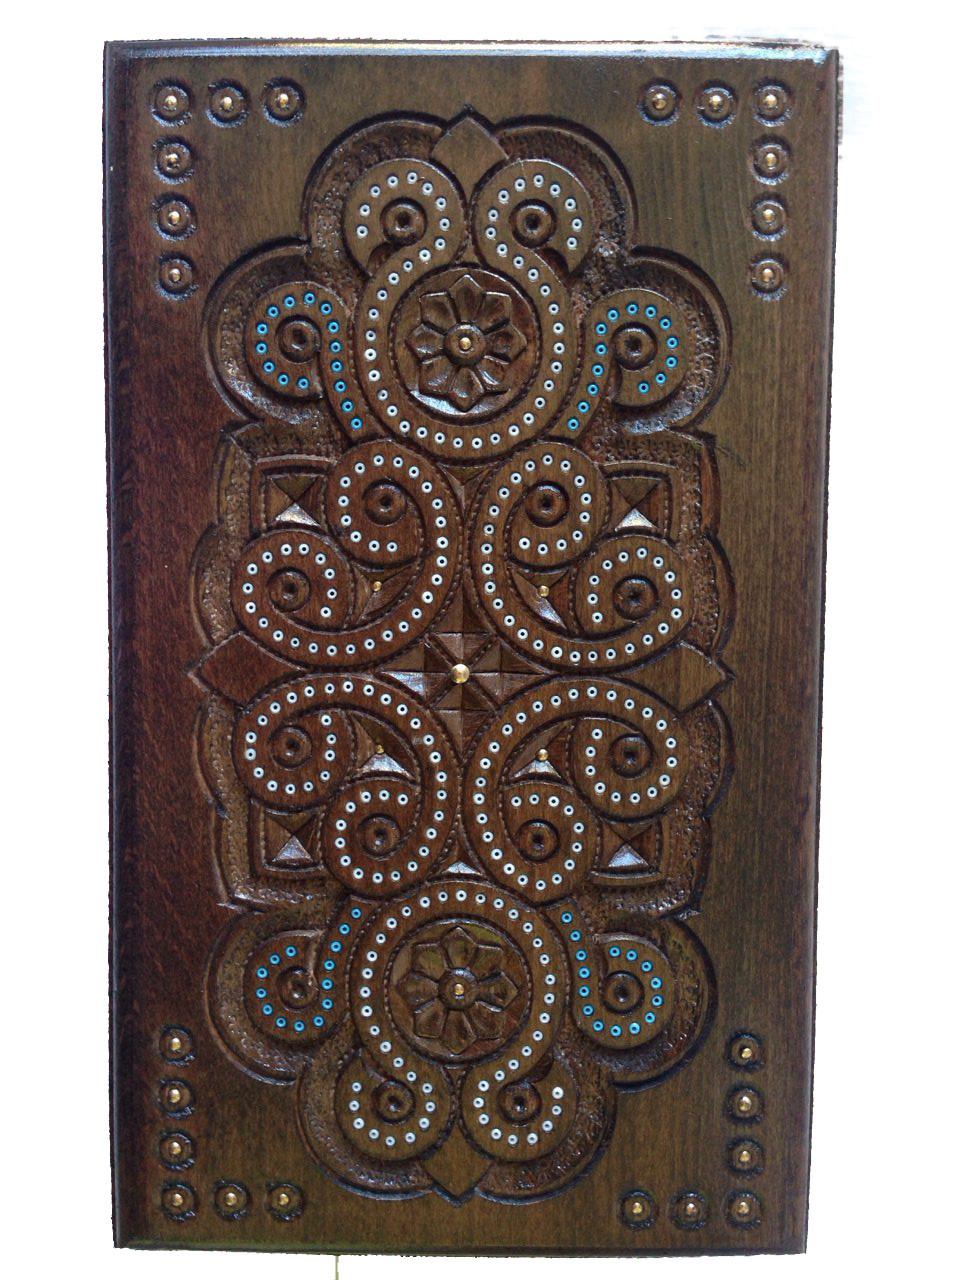 Ключница деревянная резьбленная (резная,рубленая)с бисером 25*13*13